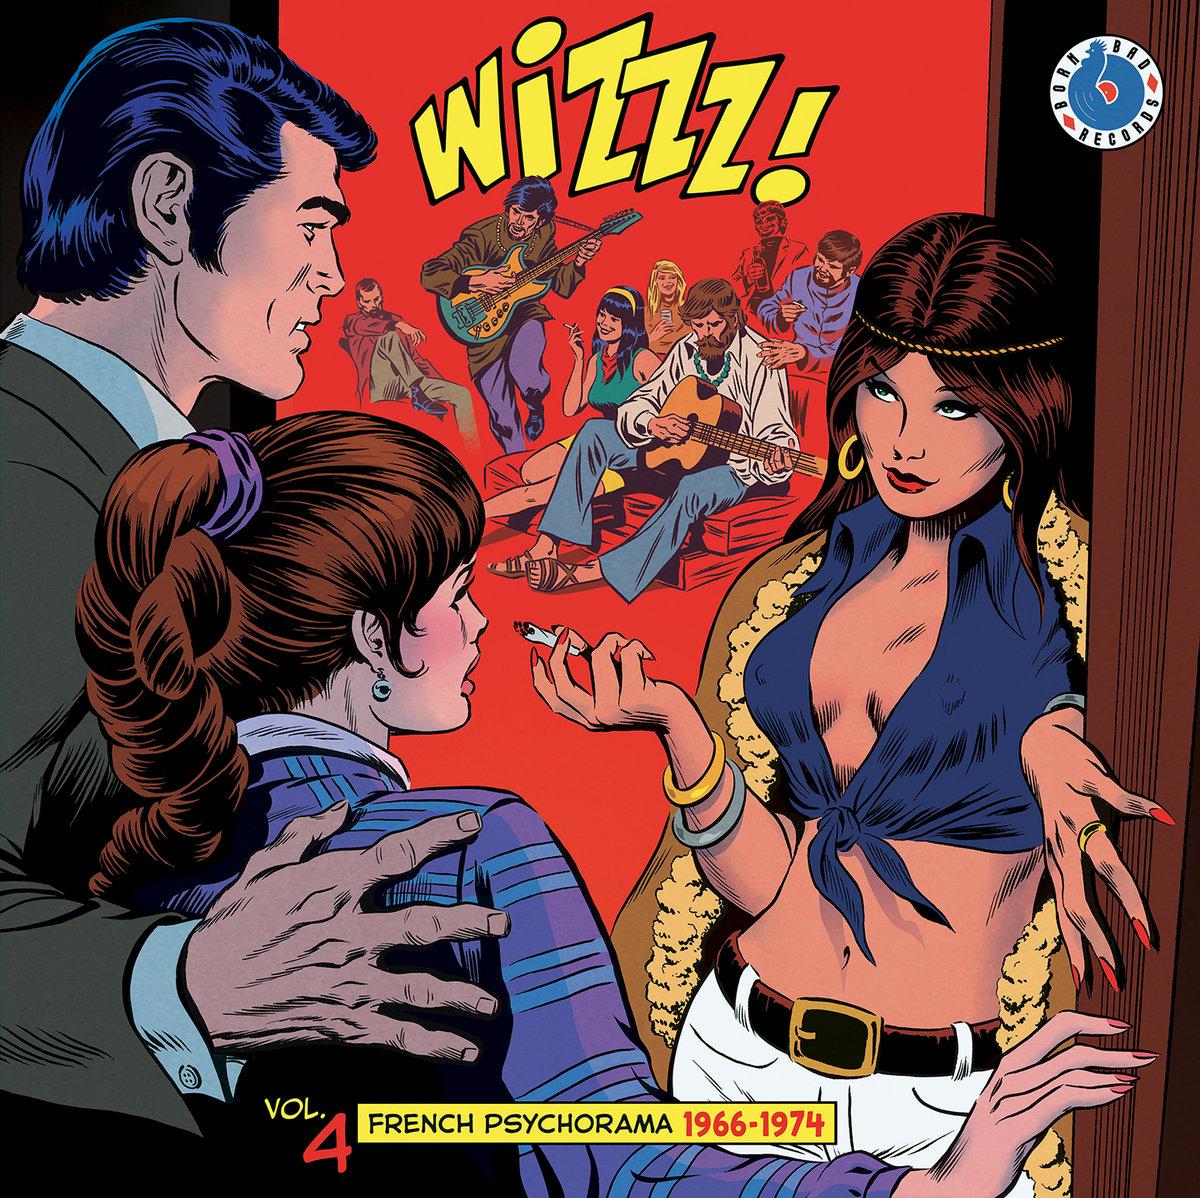 Playlist découvertes – Wizzz French Psychorama 1966-1974 Volume 4